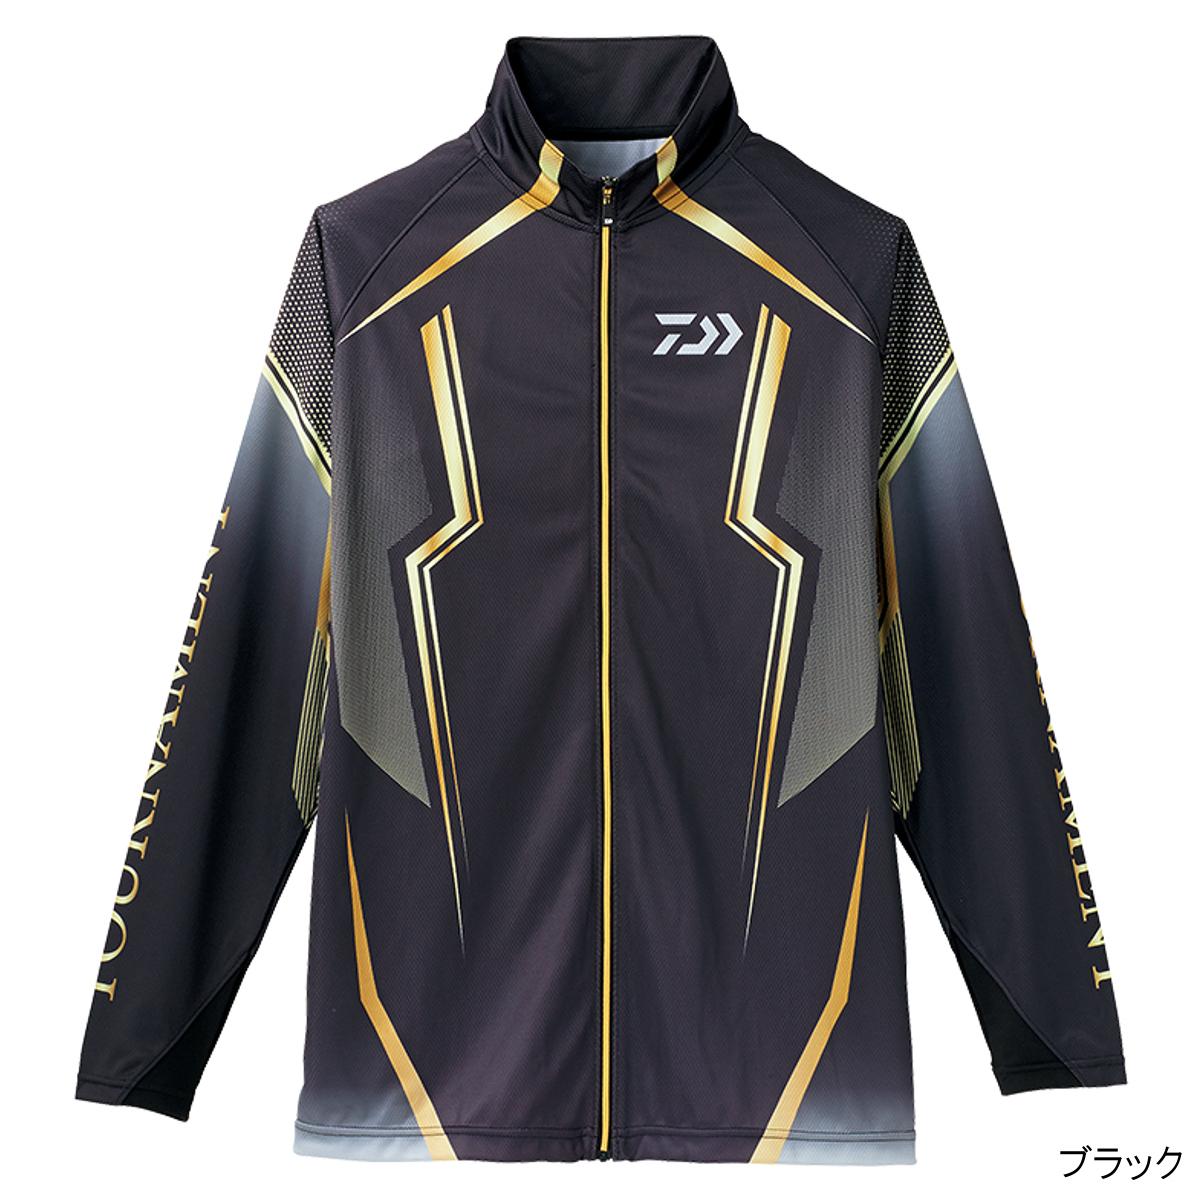 ダイワ トーナメント ドライフルジップ メッシュシャツ DE-73008 XL ブラック